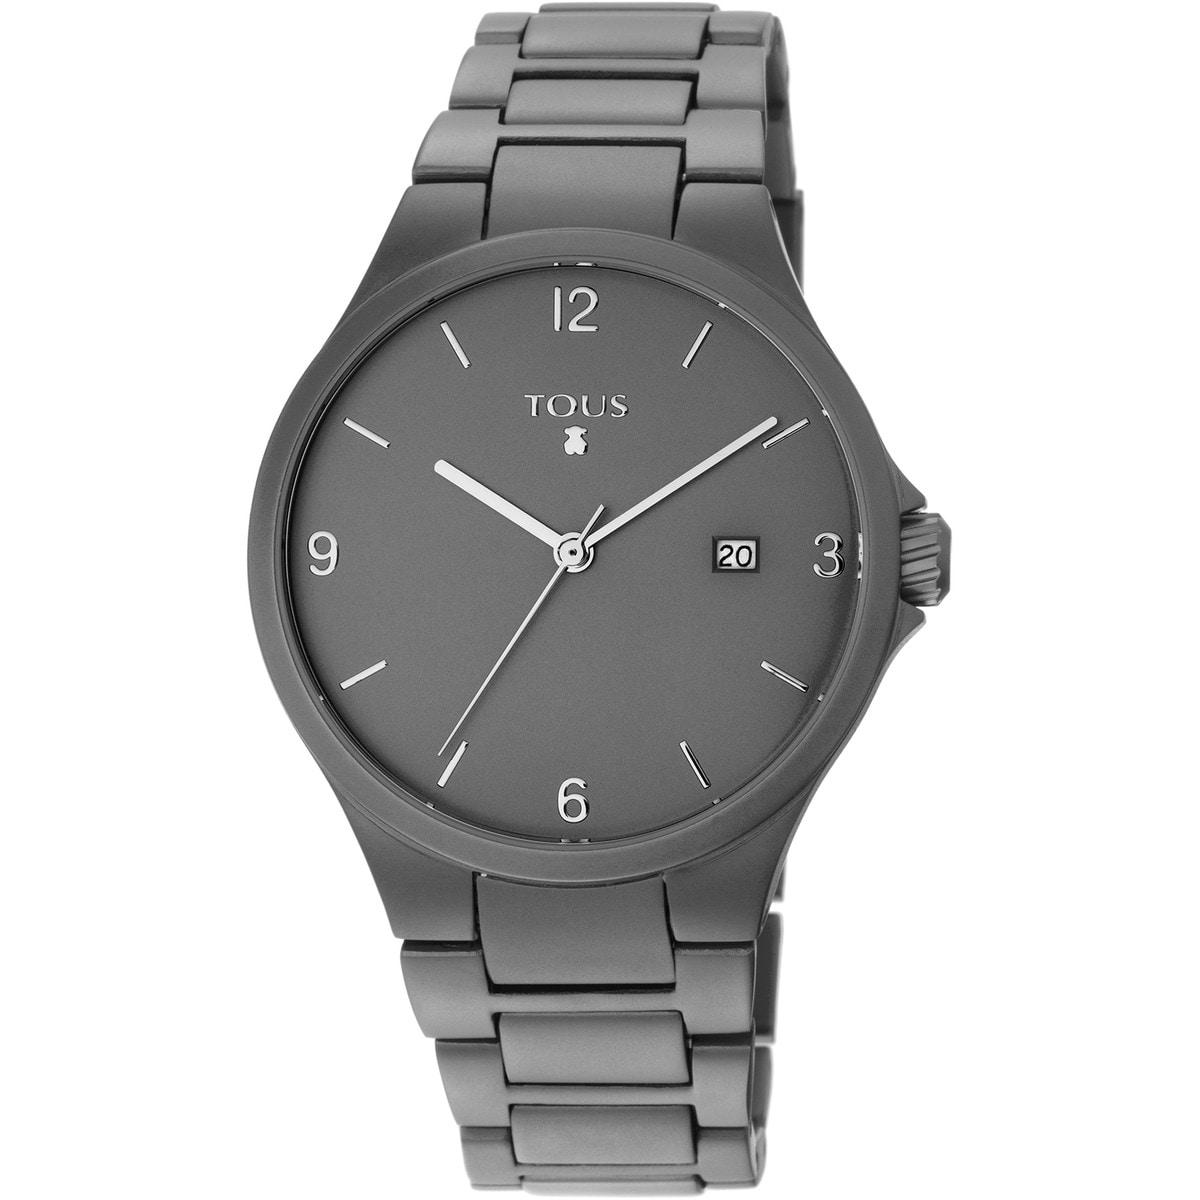 Relógio Motion Aluminio em Alumínio anodizado cinzento